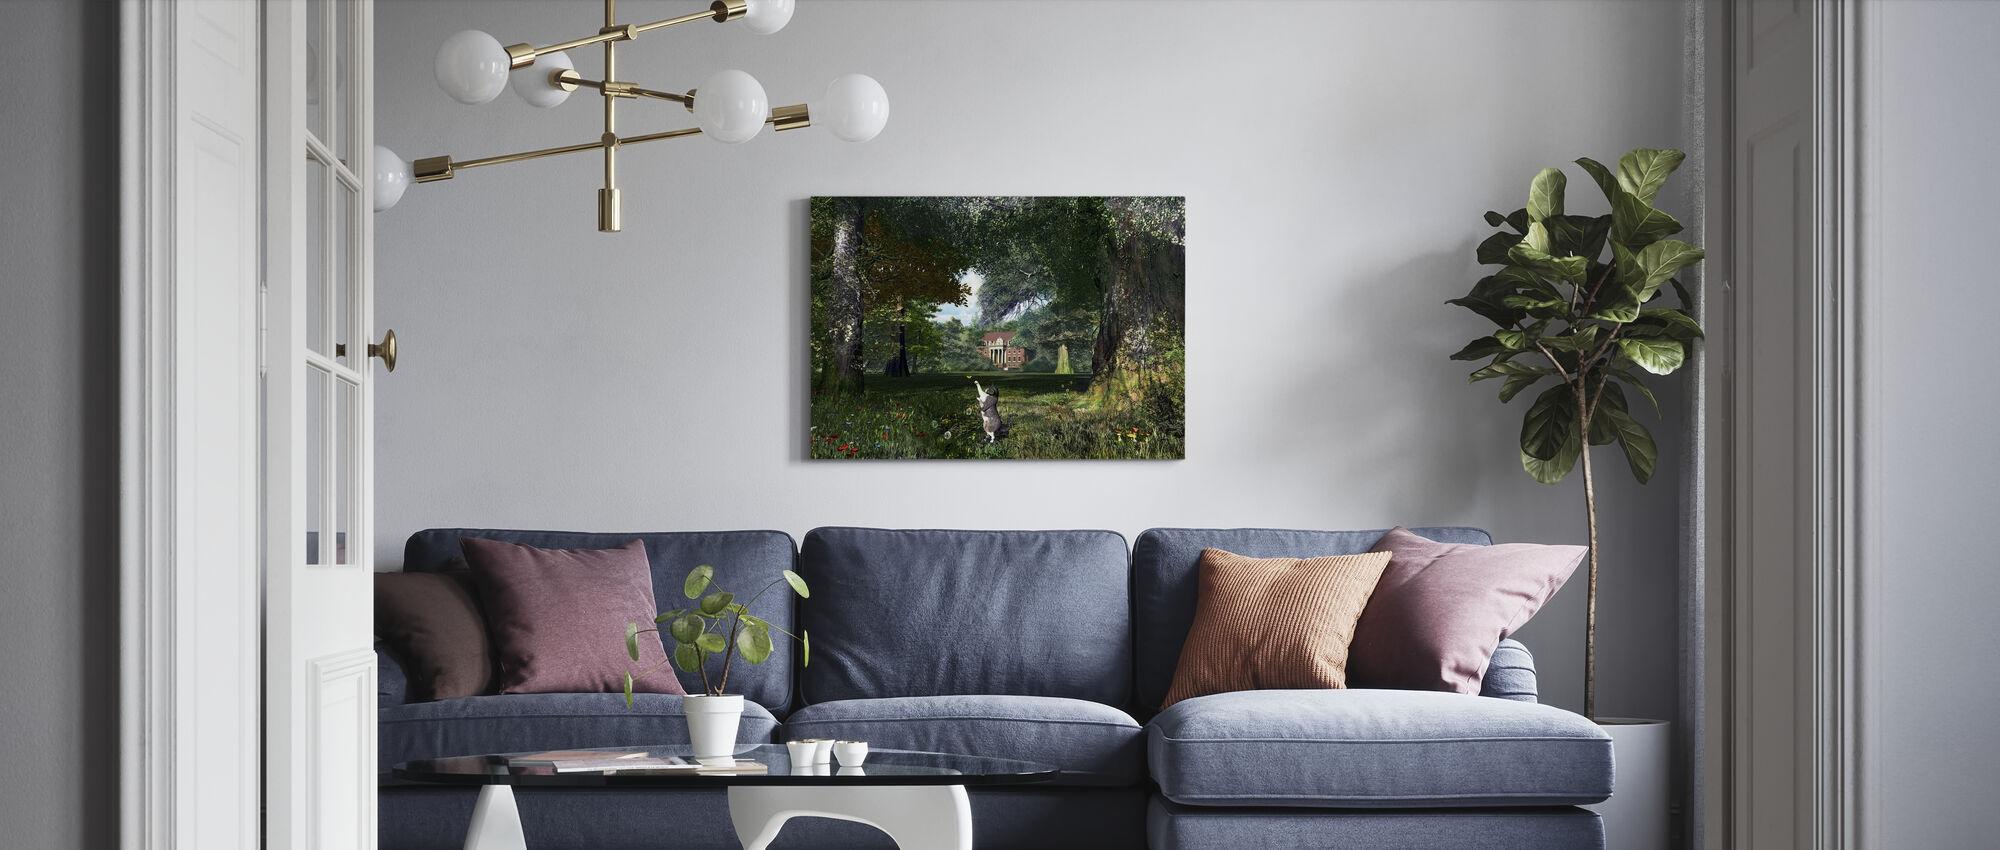 Träd Katt - Canvastavla - Vardagsrum